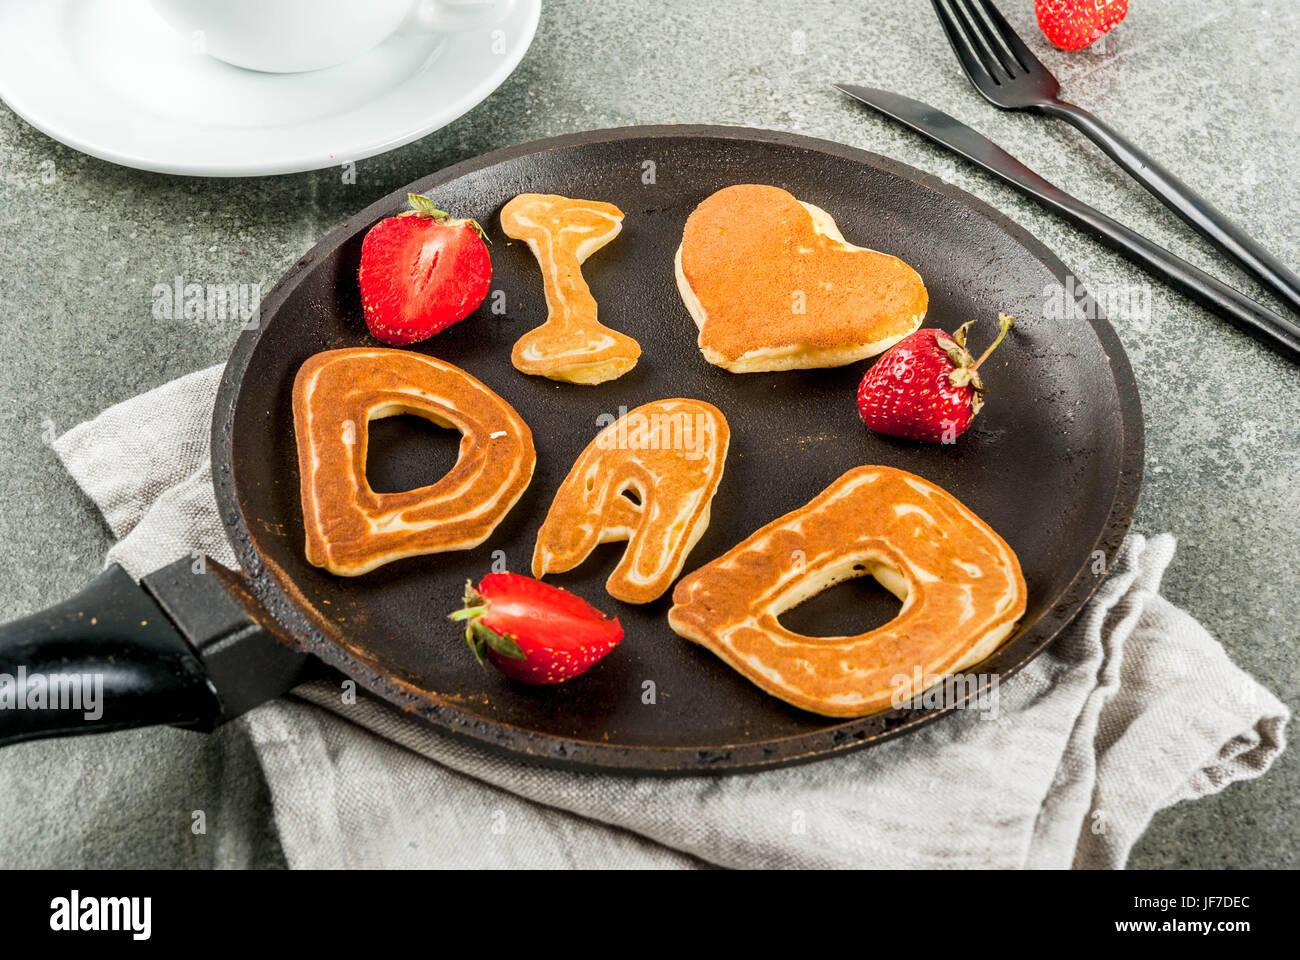 Vatertag feiern. Frühstück. Die Idee für ein reichhaltiges und leckeres Frühstück: Pfannkuchen Stockbild